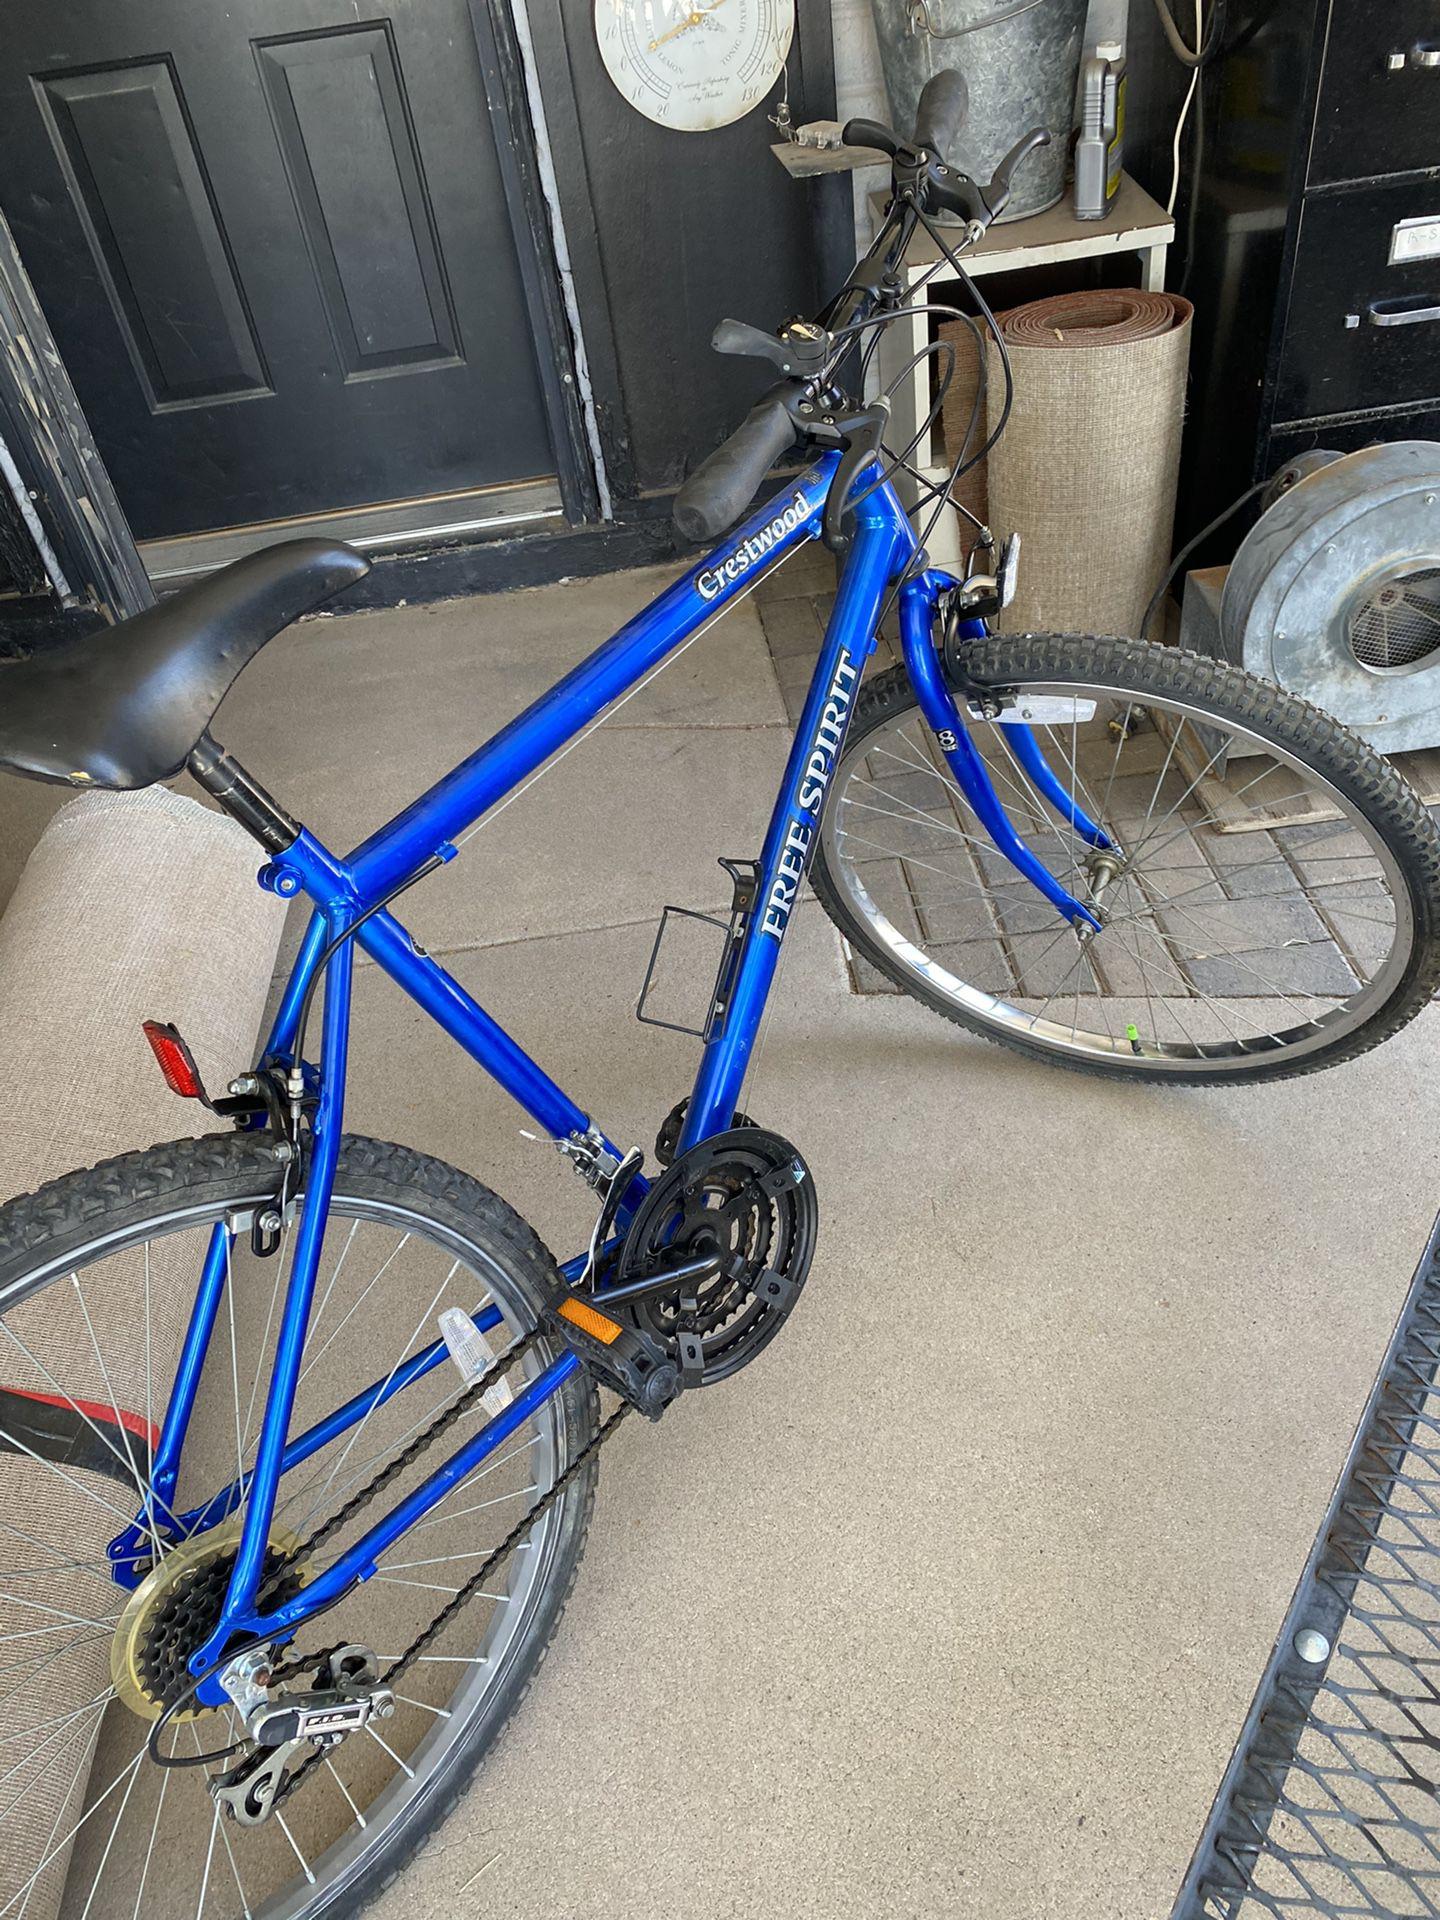 18 speed free Spirit Mountain bike